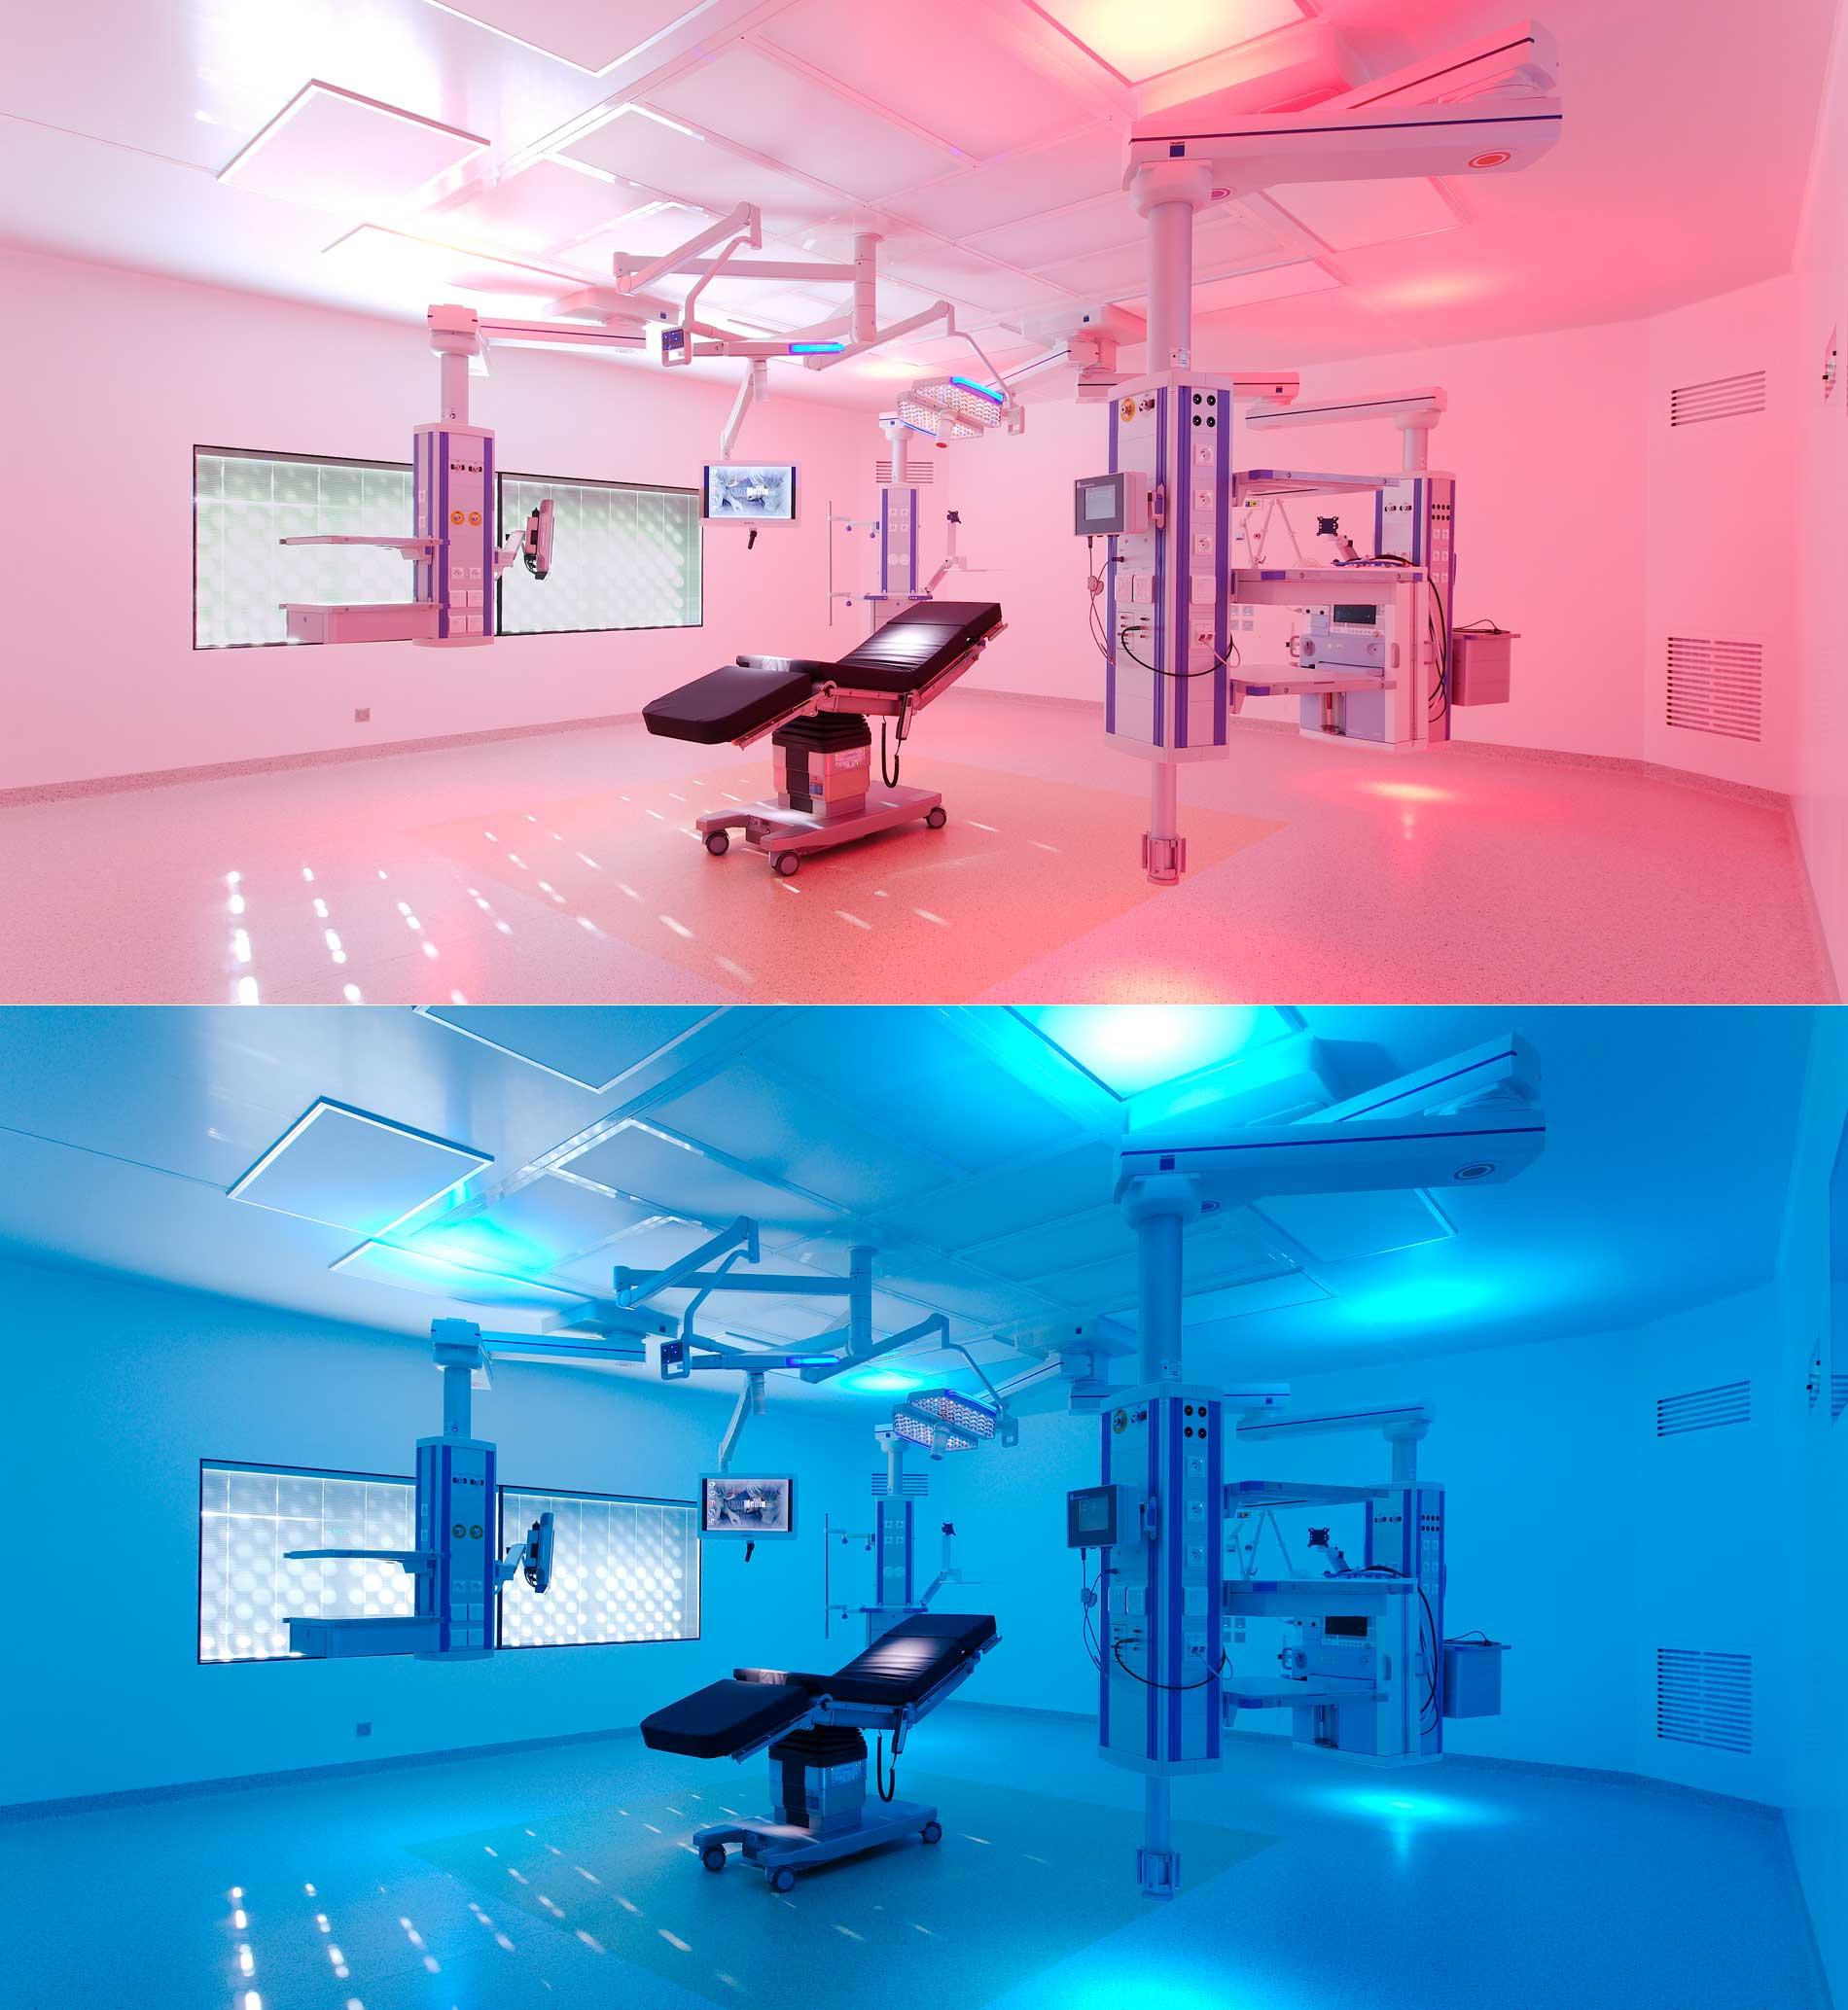 Photo Matèriel univers médical